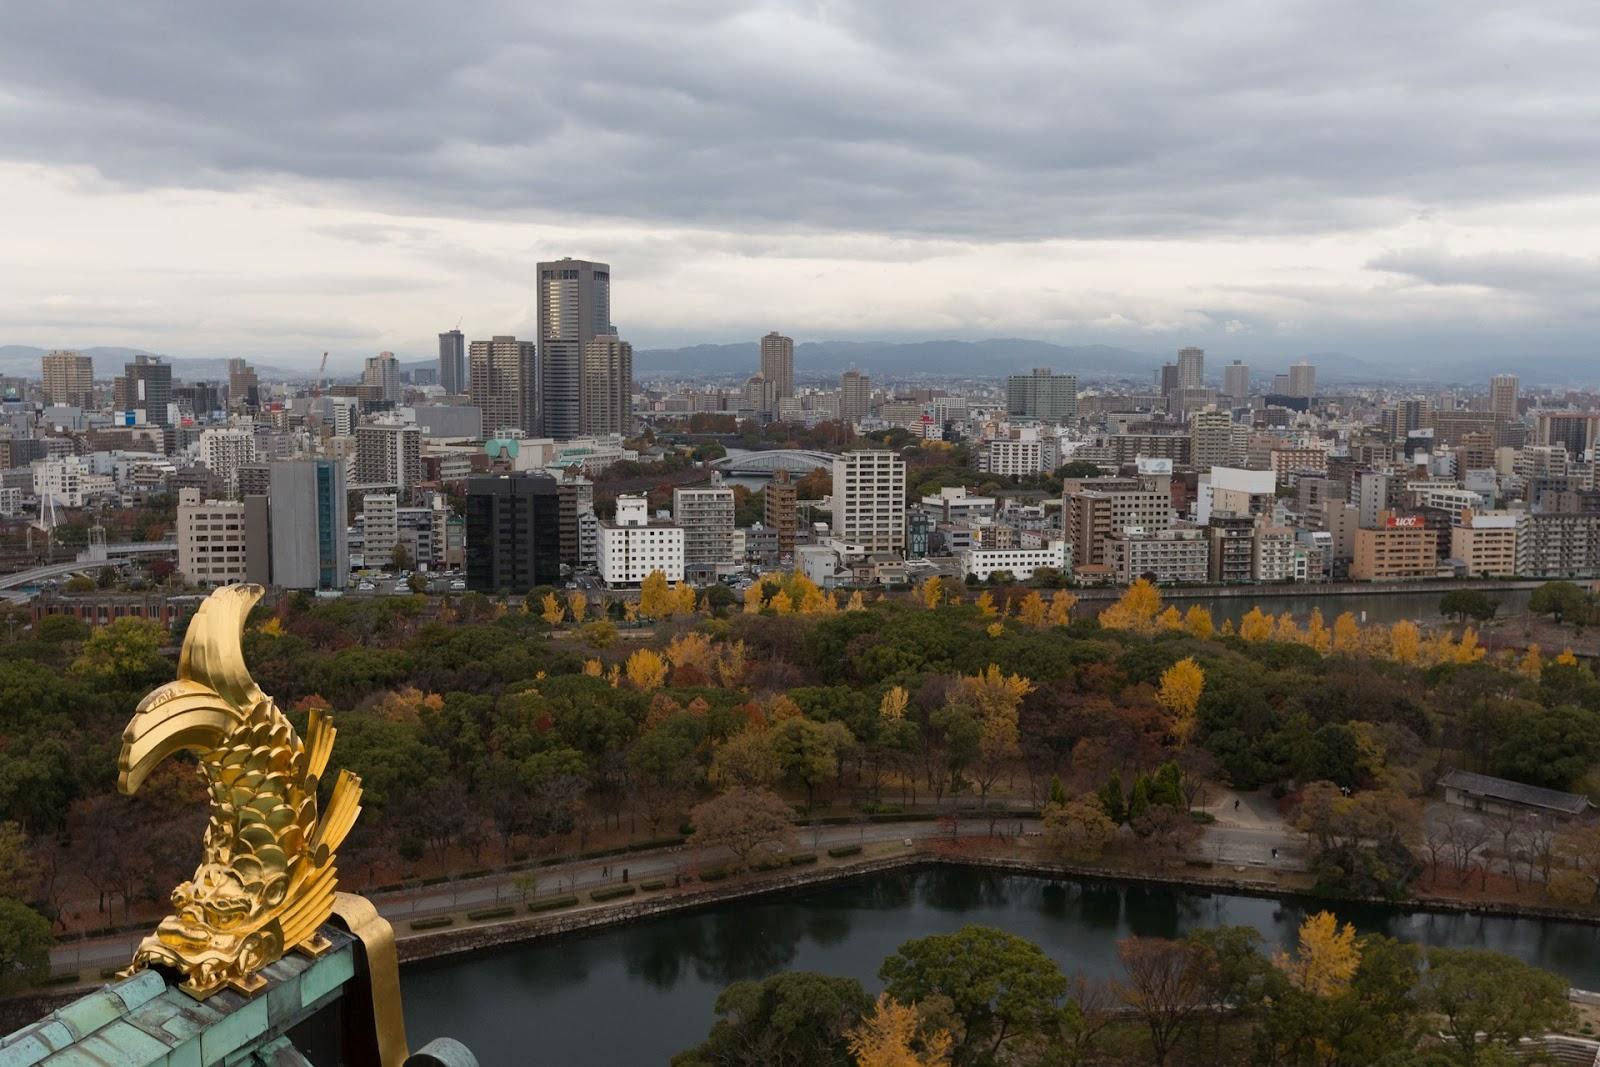 [Osaka+2355+BEFORE%5B5%5D]